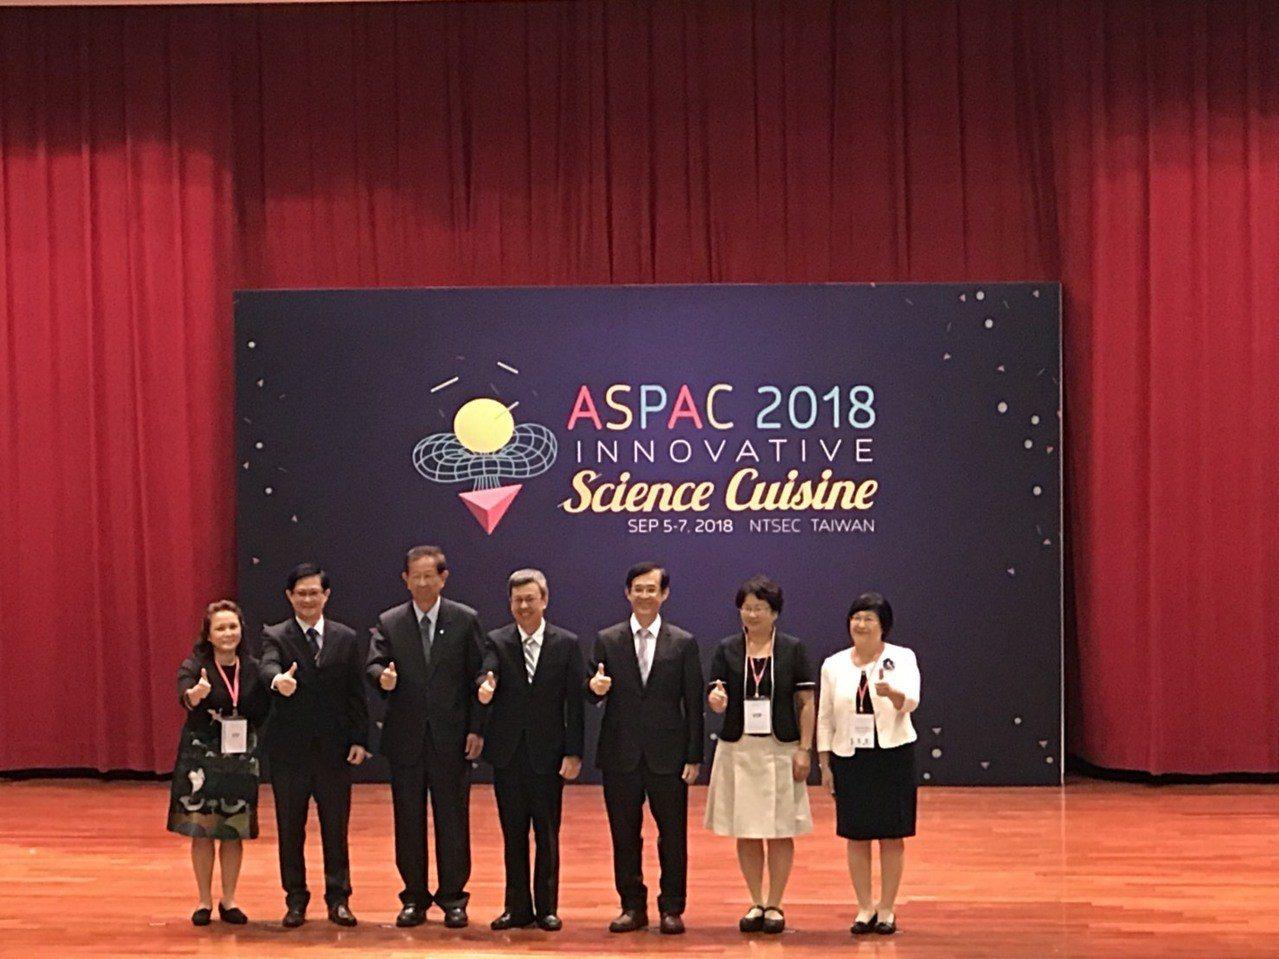 國立台灣科學教育館經過多年努力,成功申請到「2018亞太科學中心協會年會」的主辦...